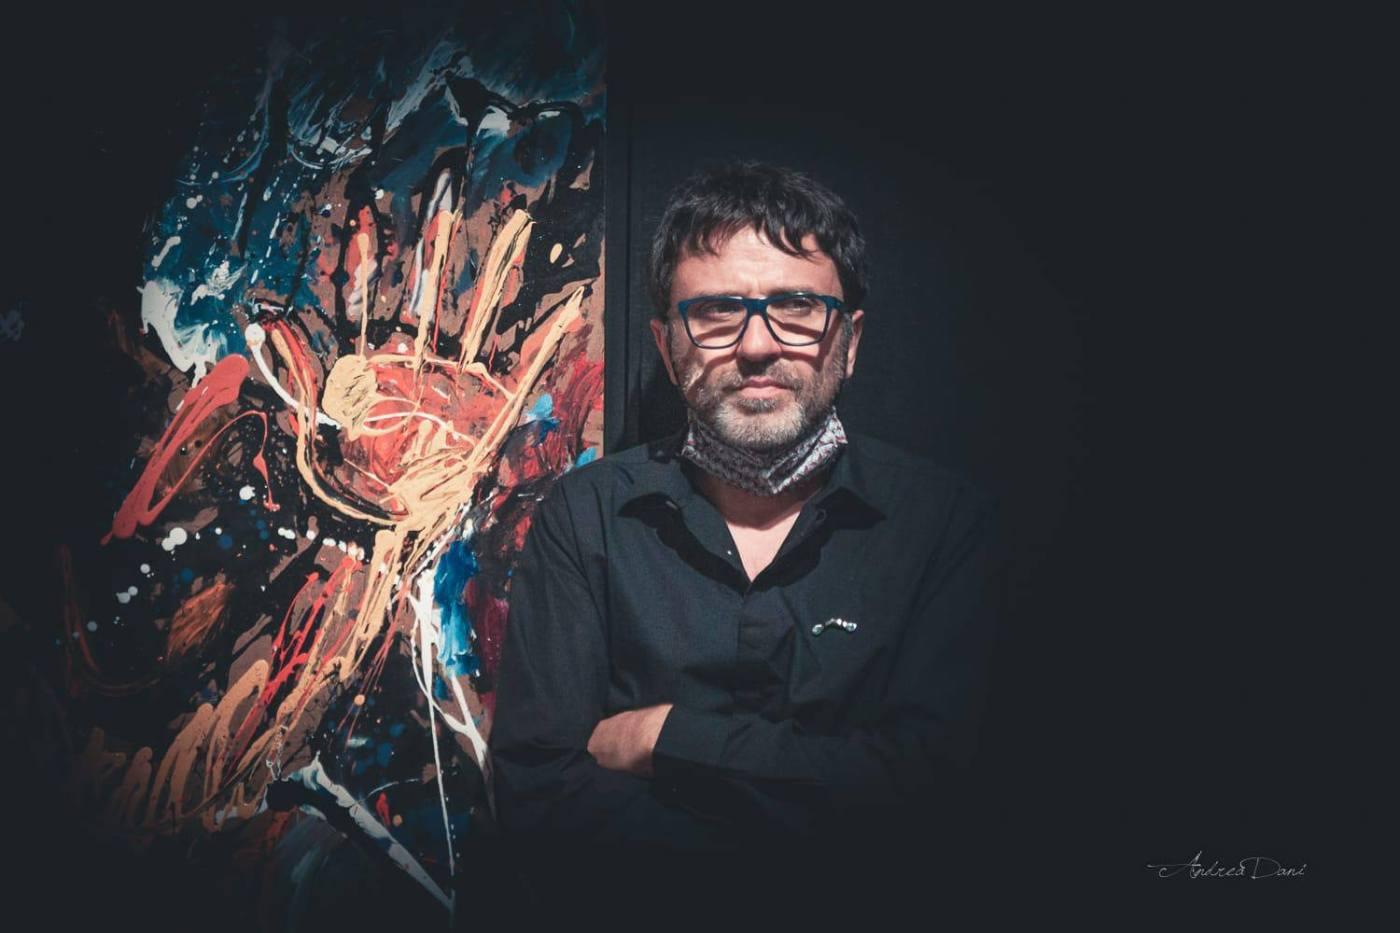 evento friuli dario ballantini 01 1400x933 Dario Ballantini Arte, il progetto digitale di galleria con le sue opere